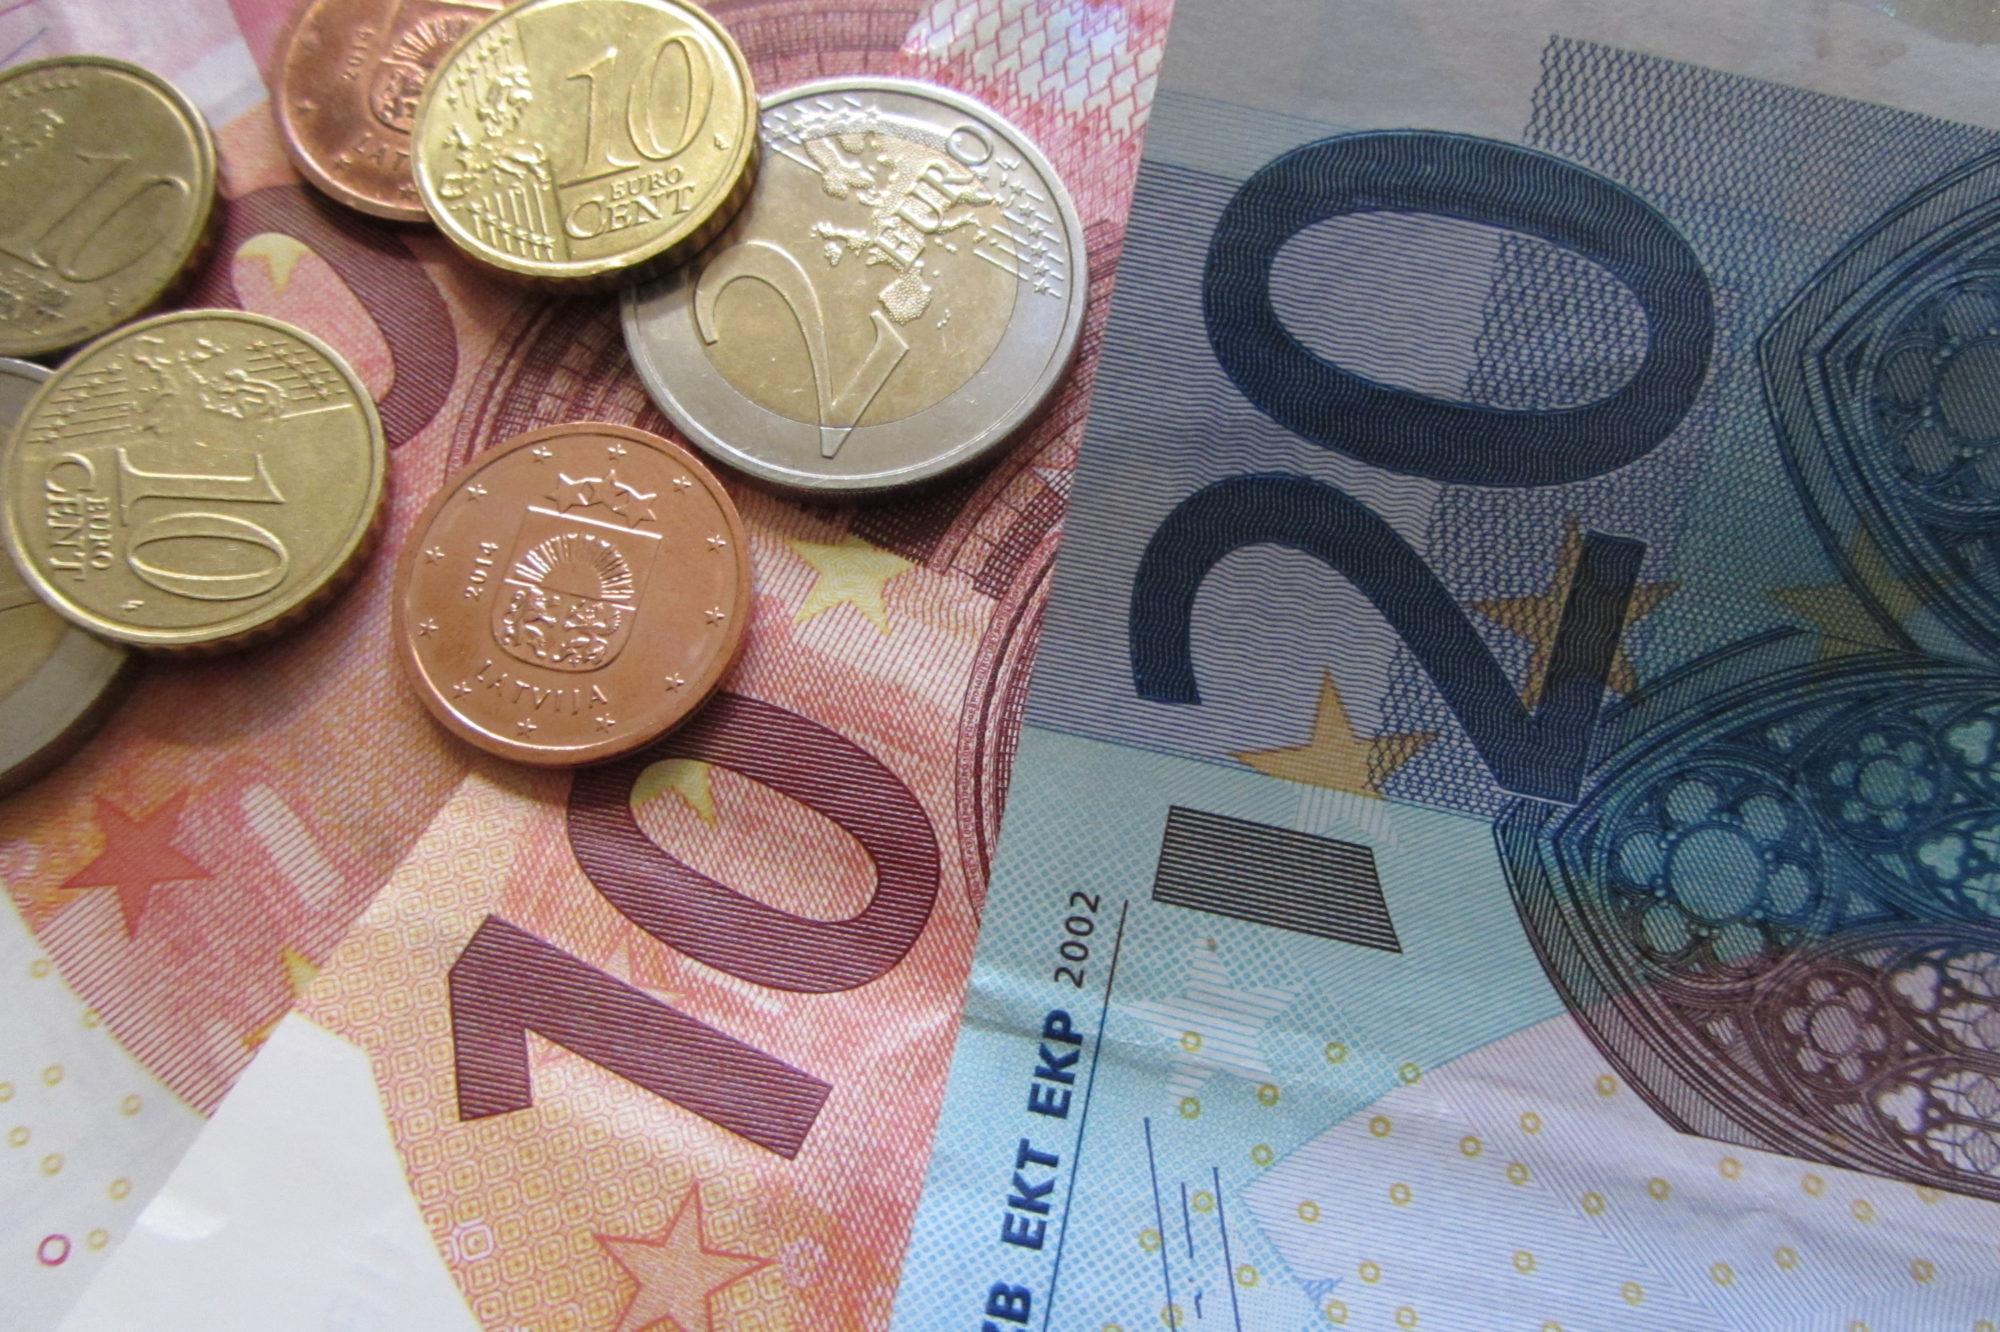 Коалиция договорилась продлить срок выплаты пособия по безработице для тех, у кого он закончится в период кризиса